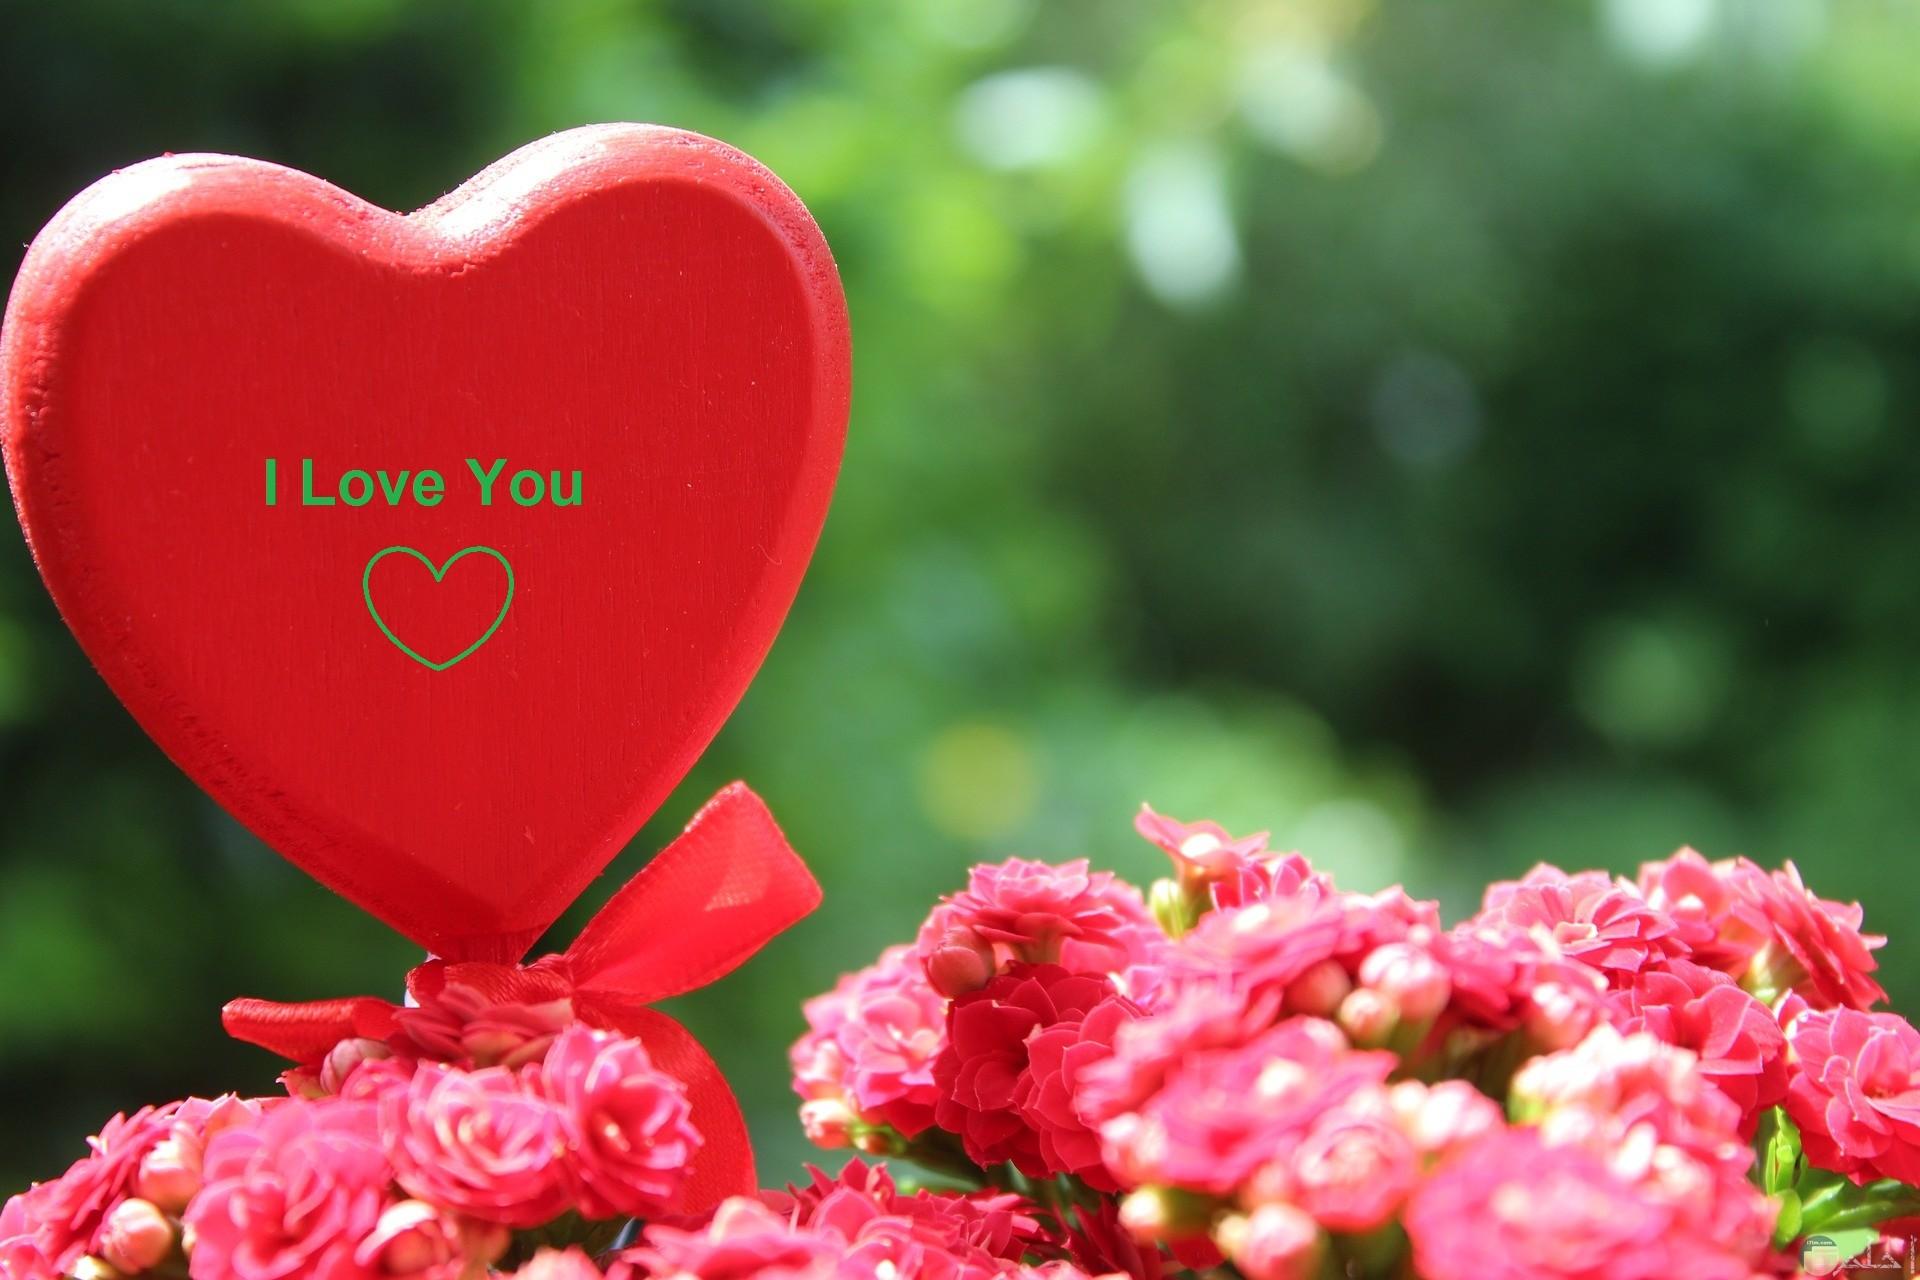 قلب مع الورد البينك.